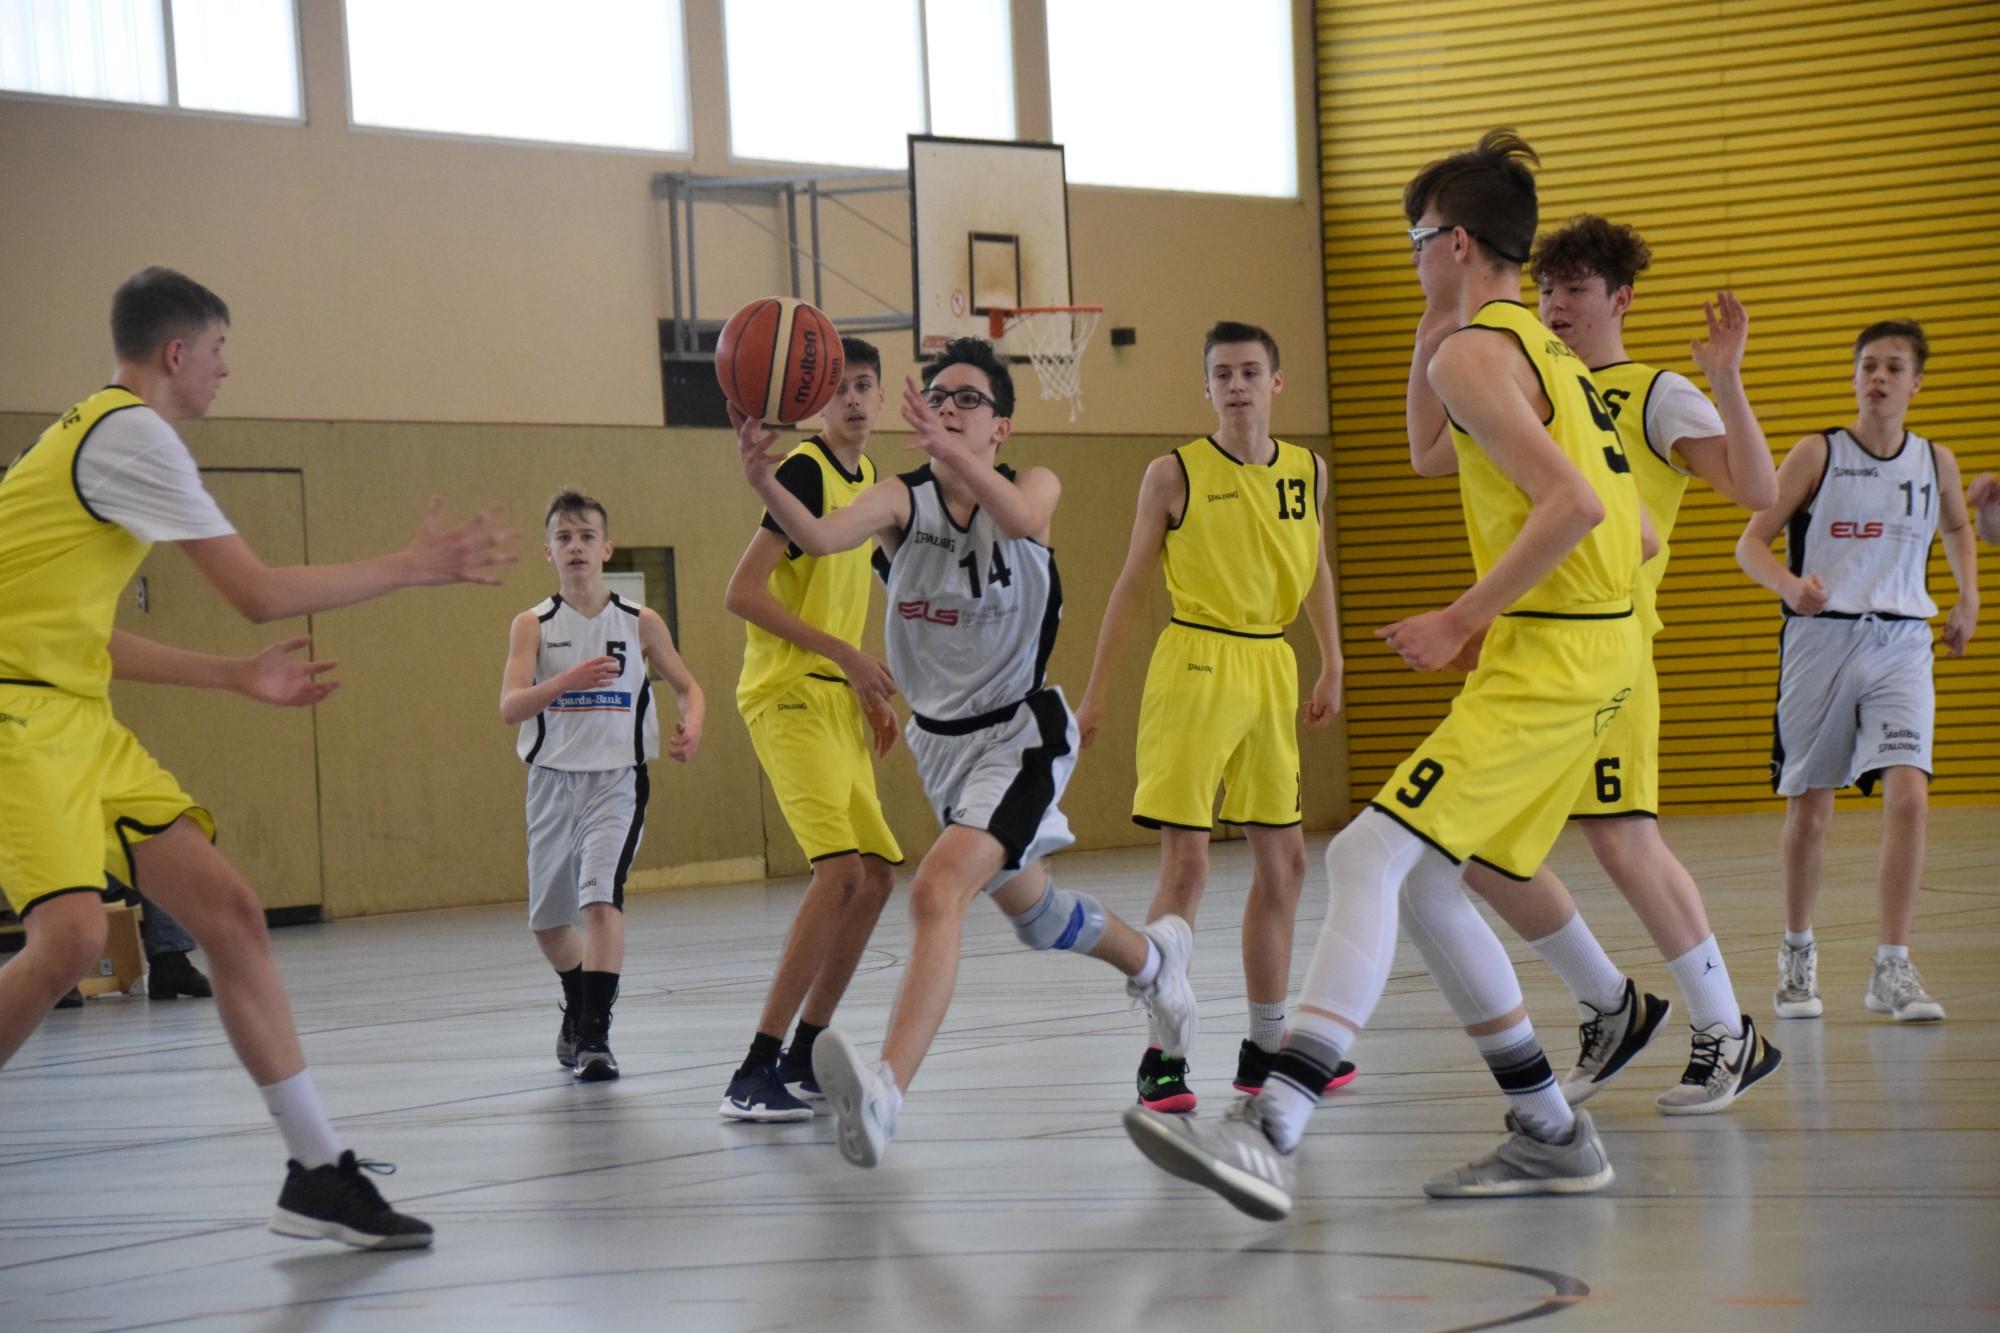 U16-Kreisliga: Erneut knappe Niederlage